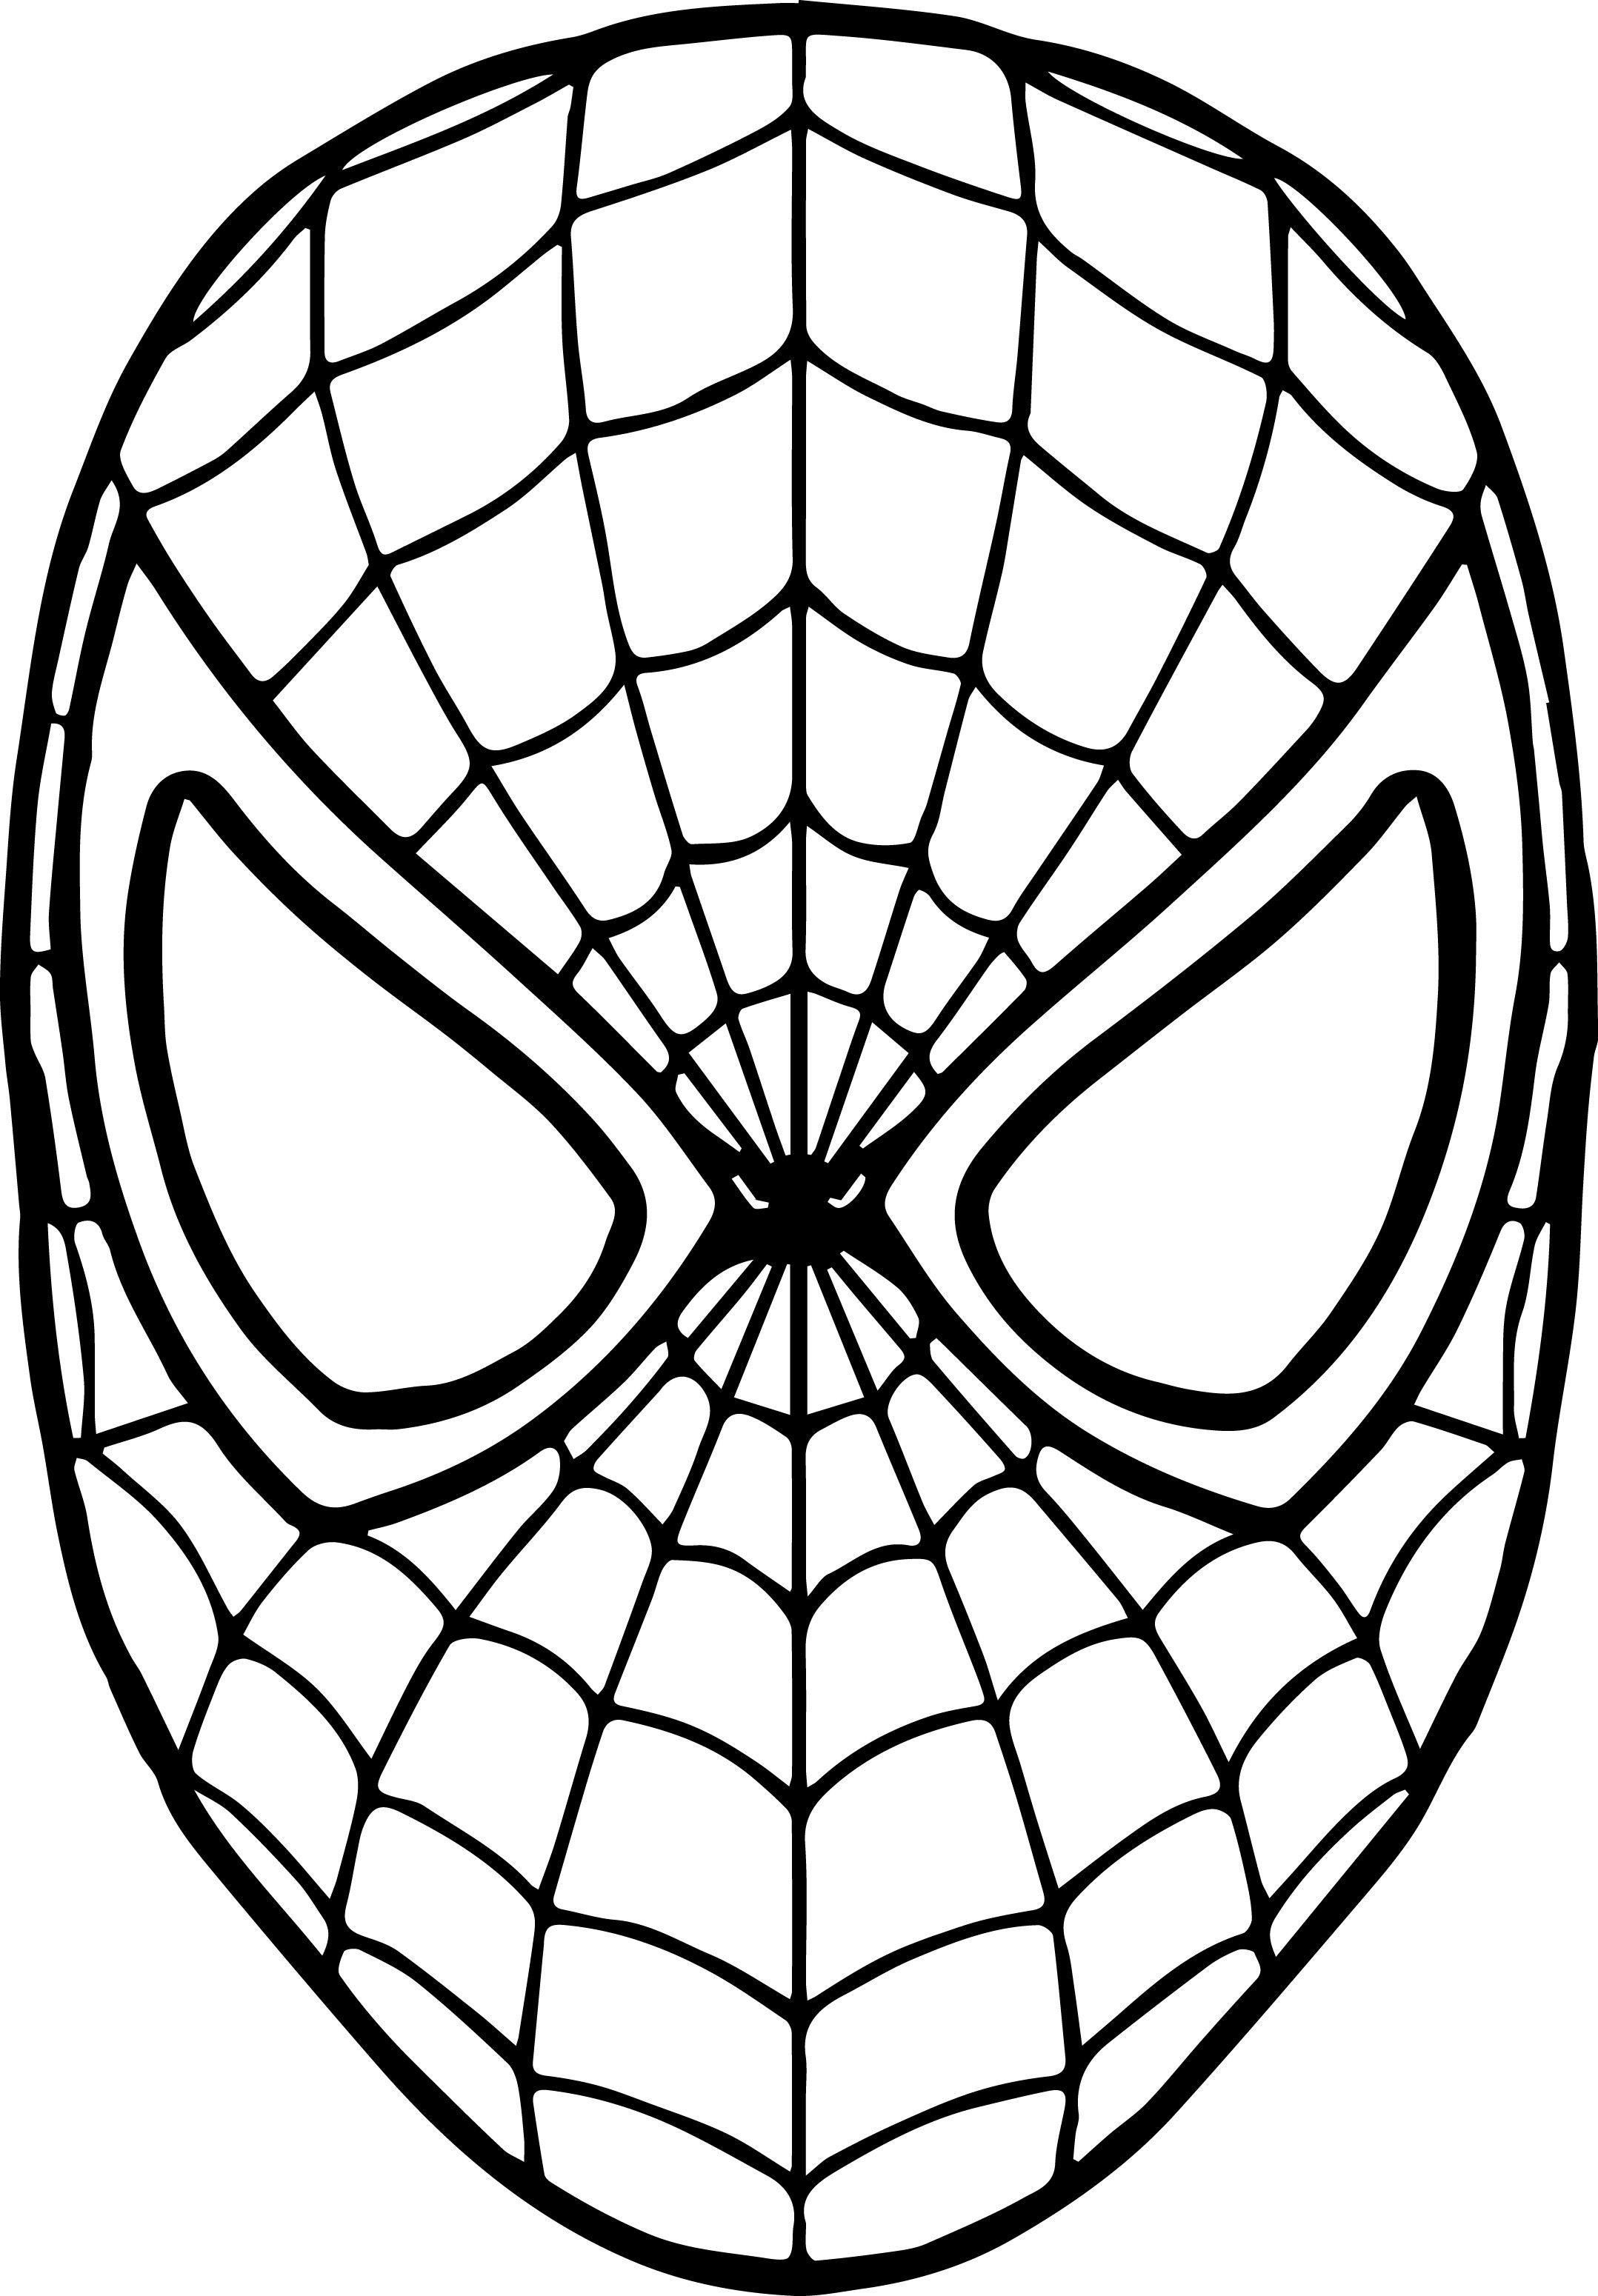 ausmalbilder spiderman maske  kinder ausmalbilder